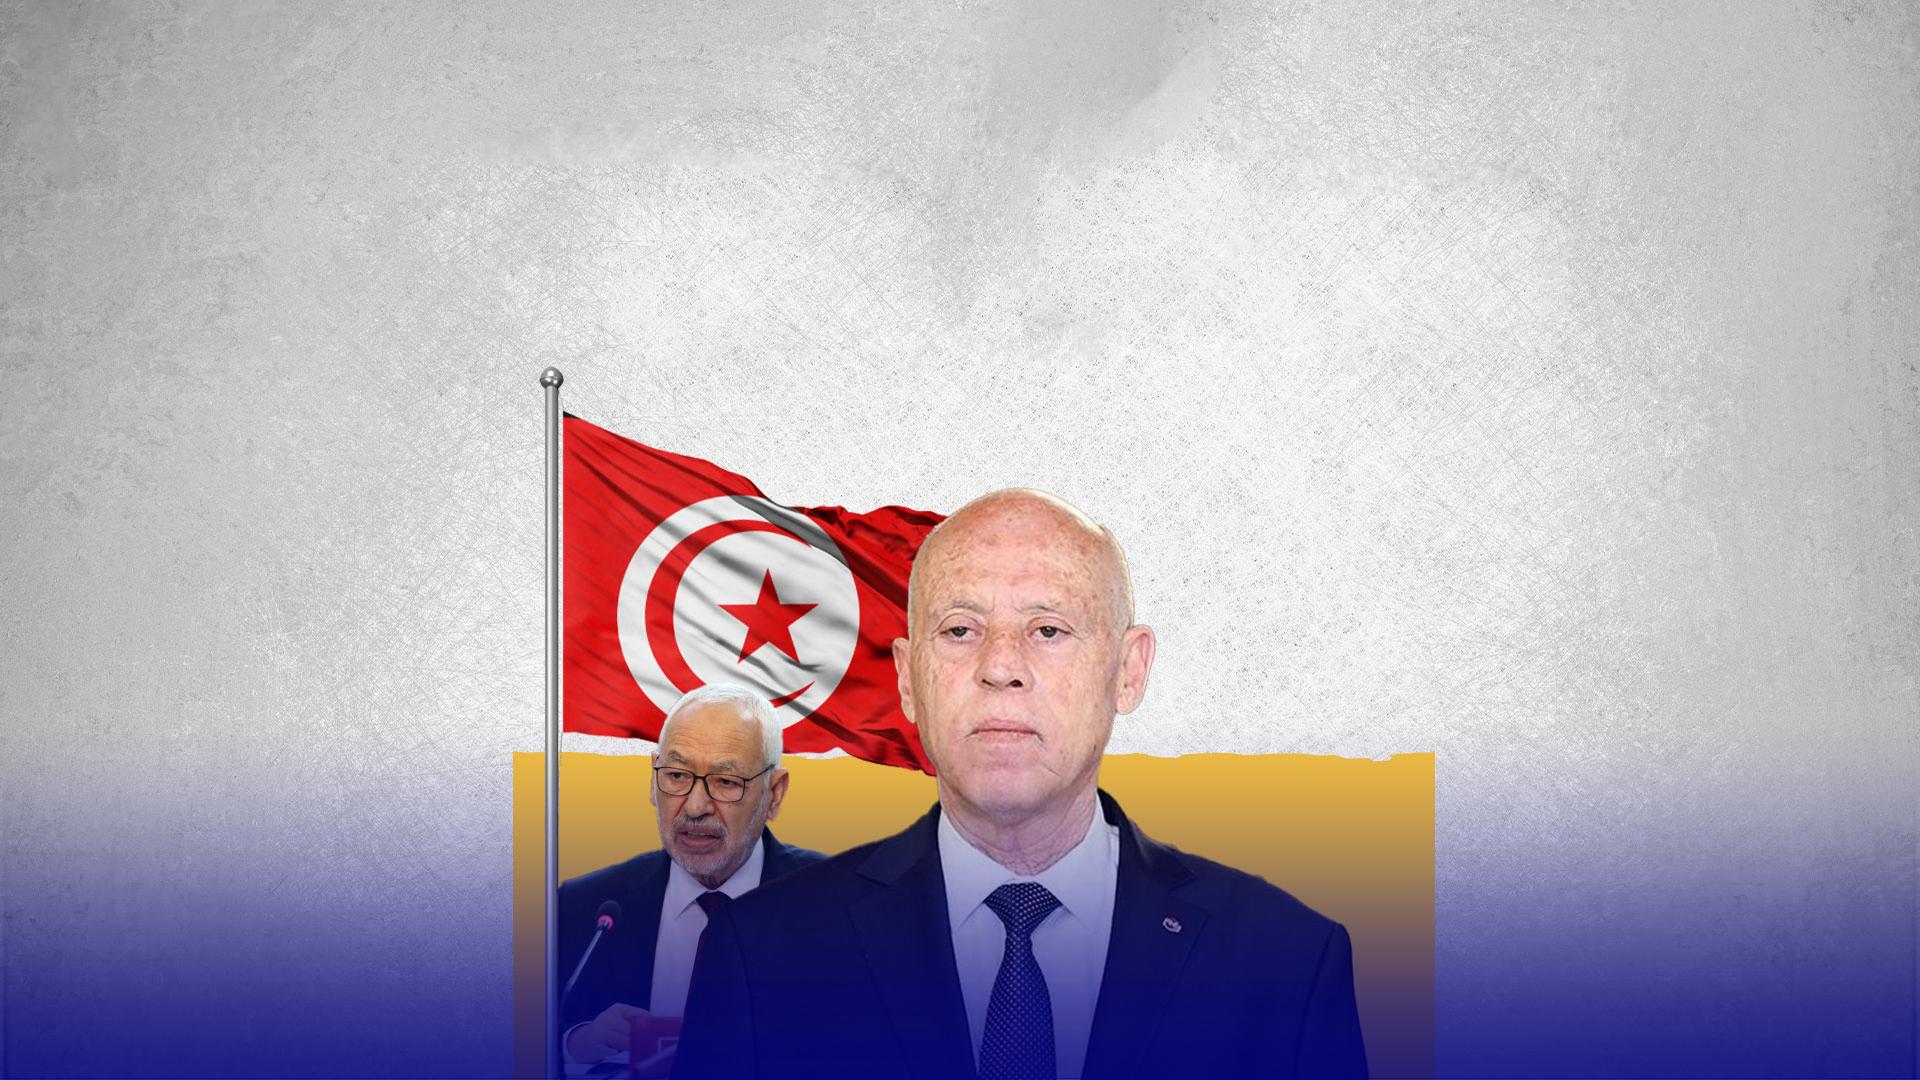 القرارات الإستثنائية للرئيس التونسي قيس سعيد…هل هي إنقلاب أم تصحيح مسار؟